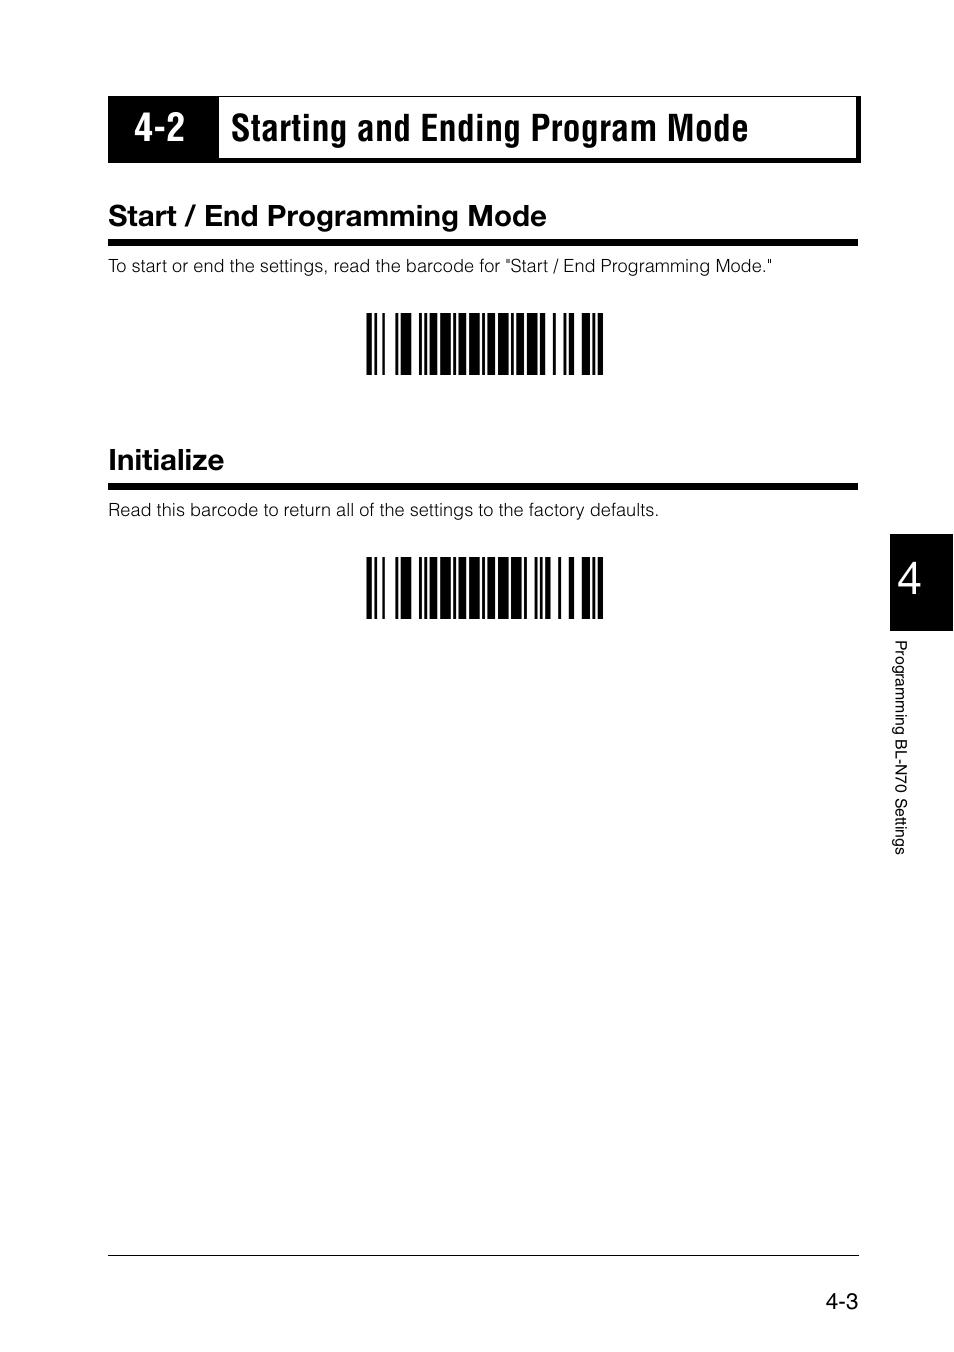 2 starting and ending program mode, Start / end programming